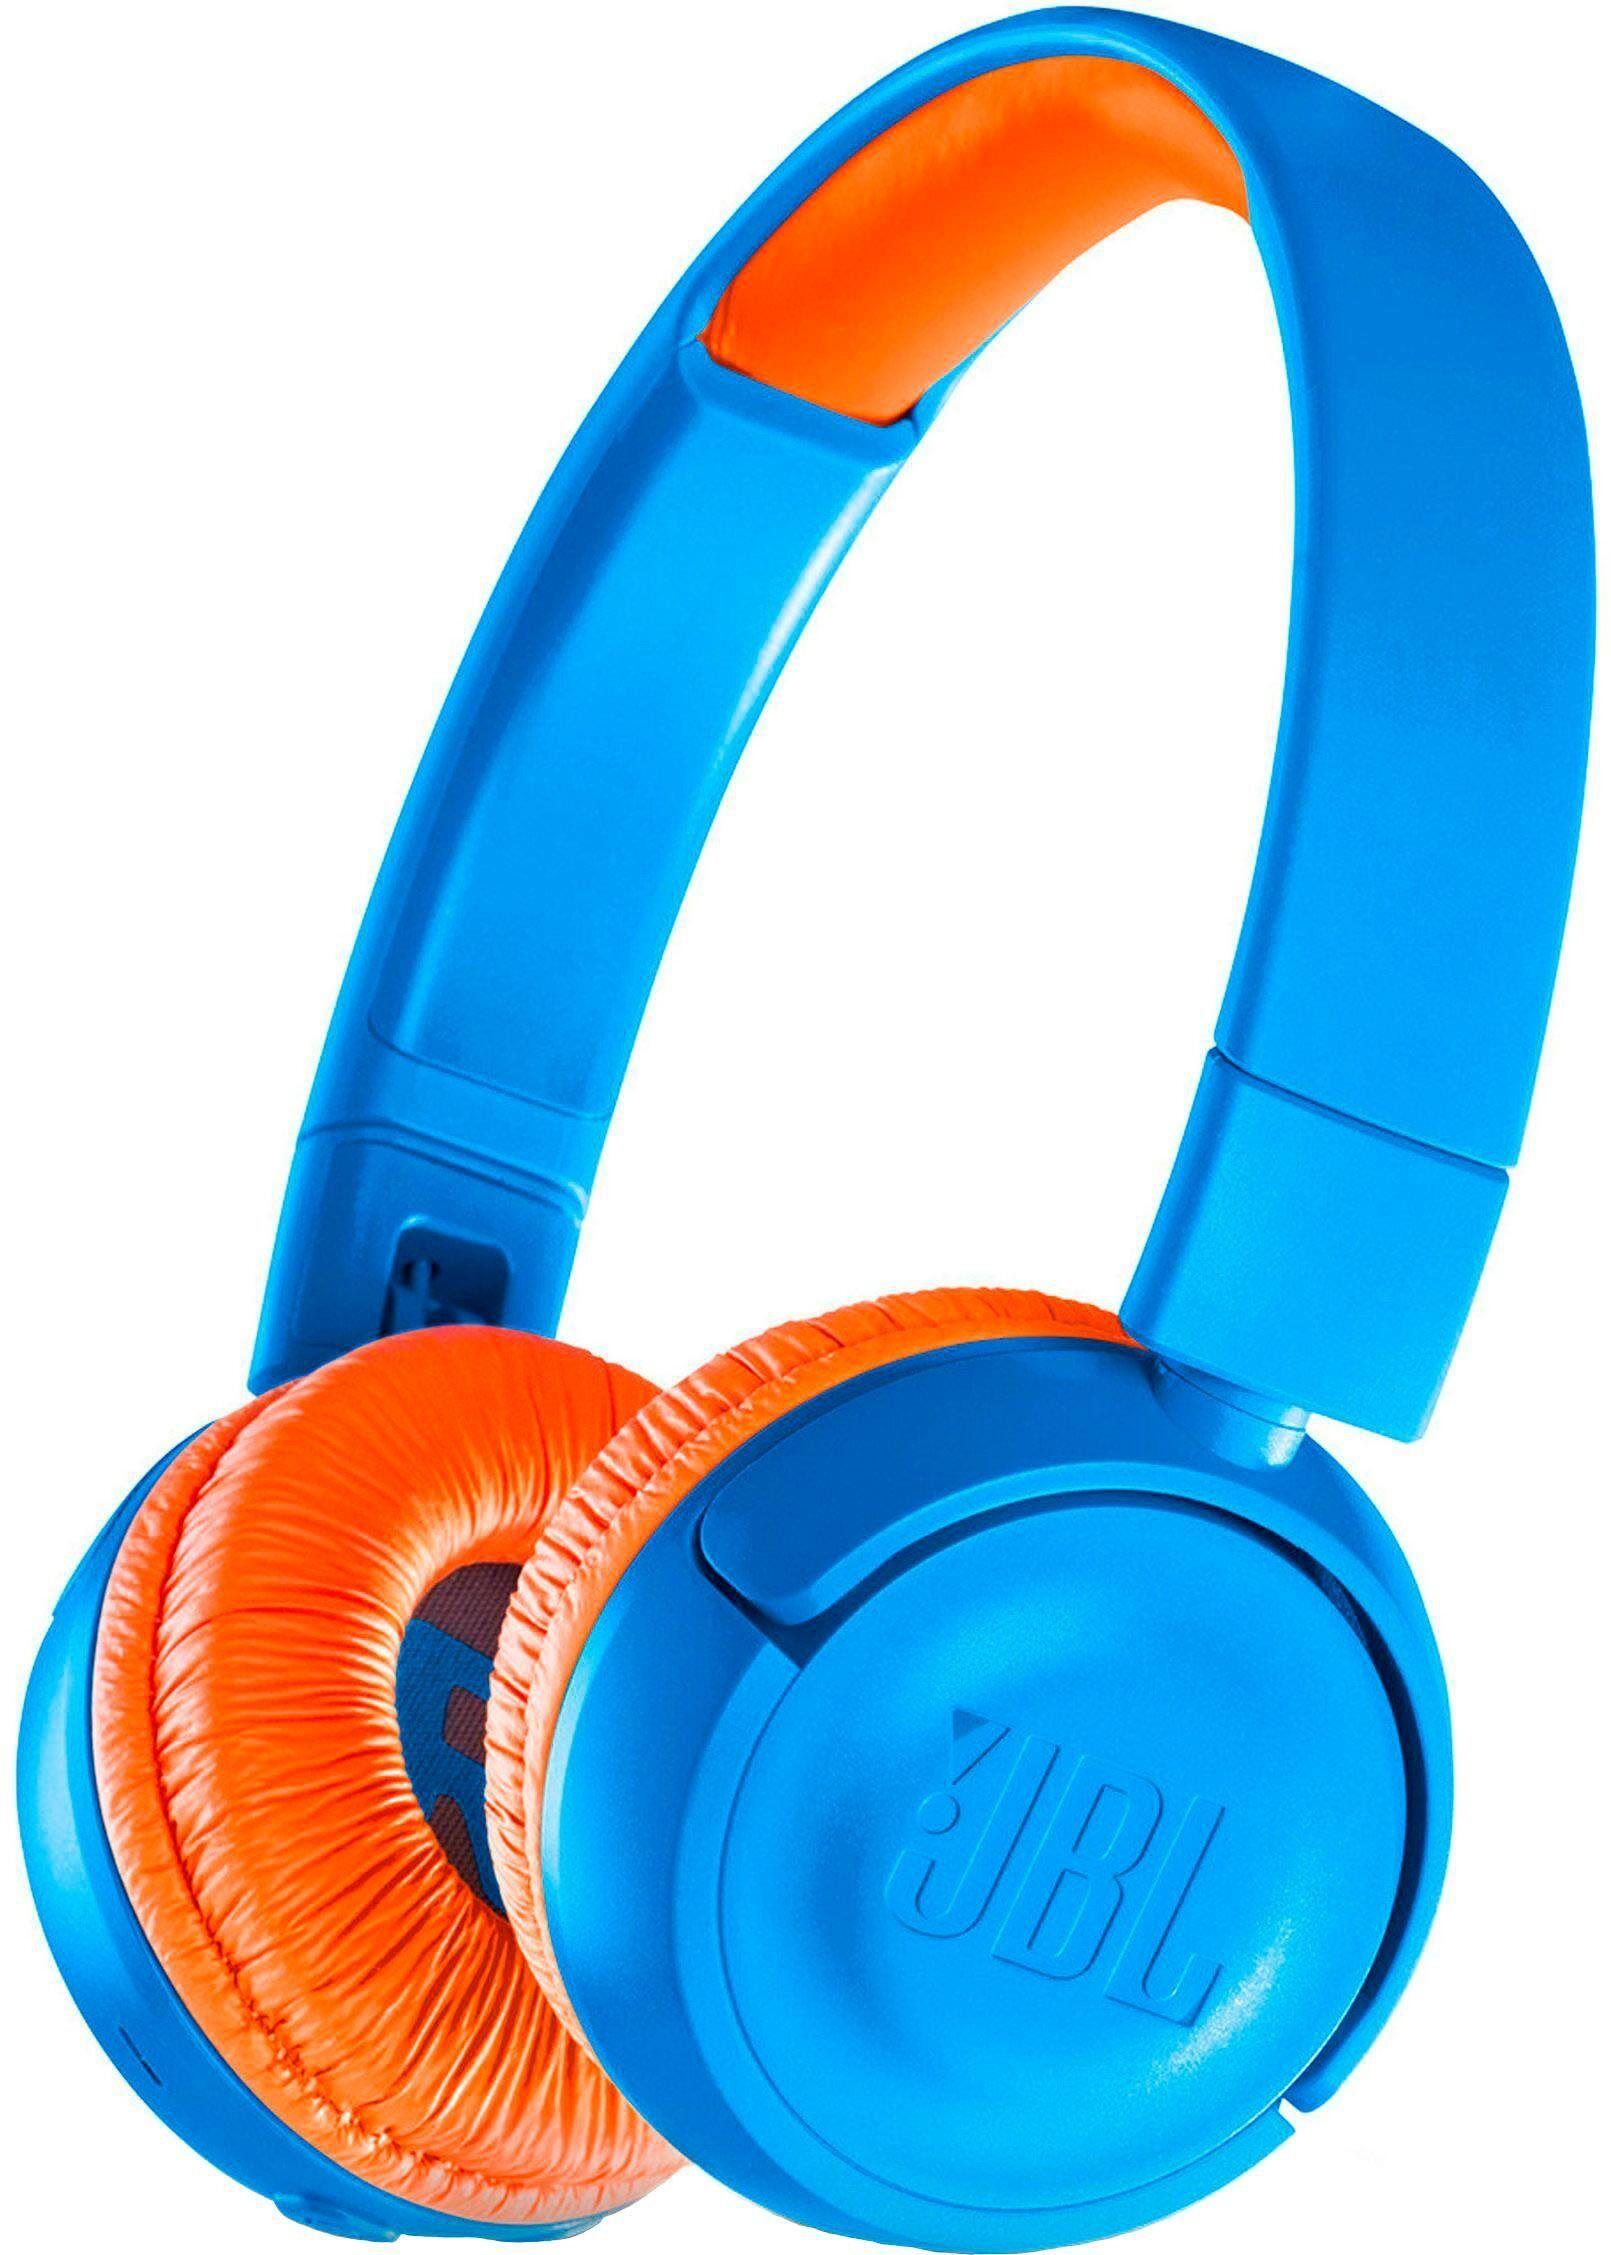 JBL »JR300BT« Bluetooth-Kopfhörer, blau